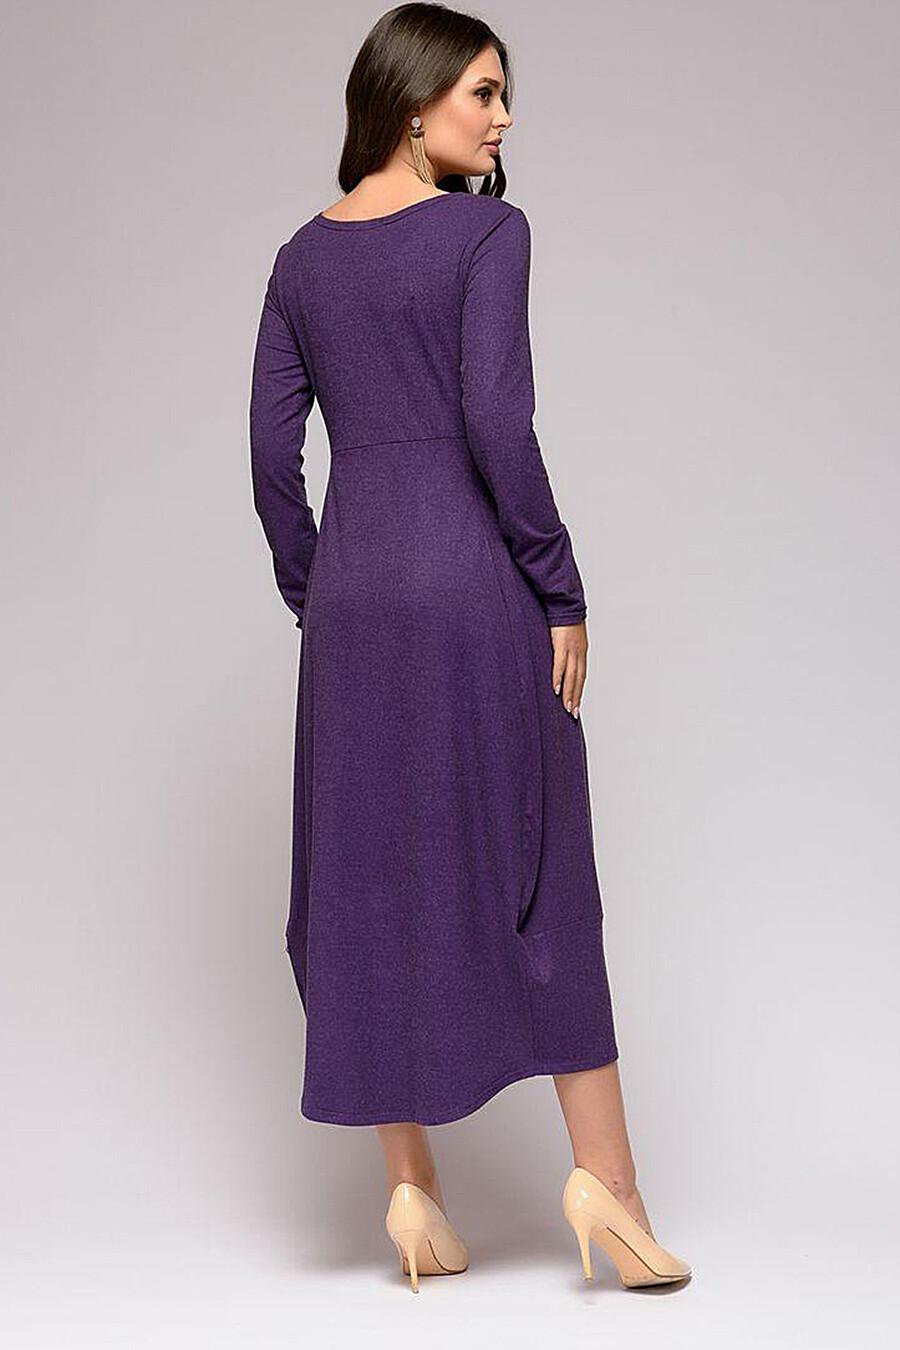 Платье для женщин 1001 DRESS 130971 купить оптом от производителя. Совместная покупка женской одежды в OptMoyo